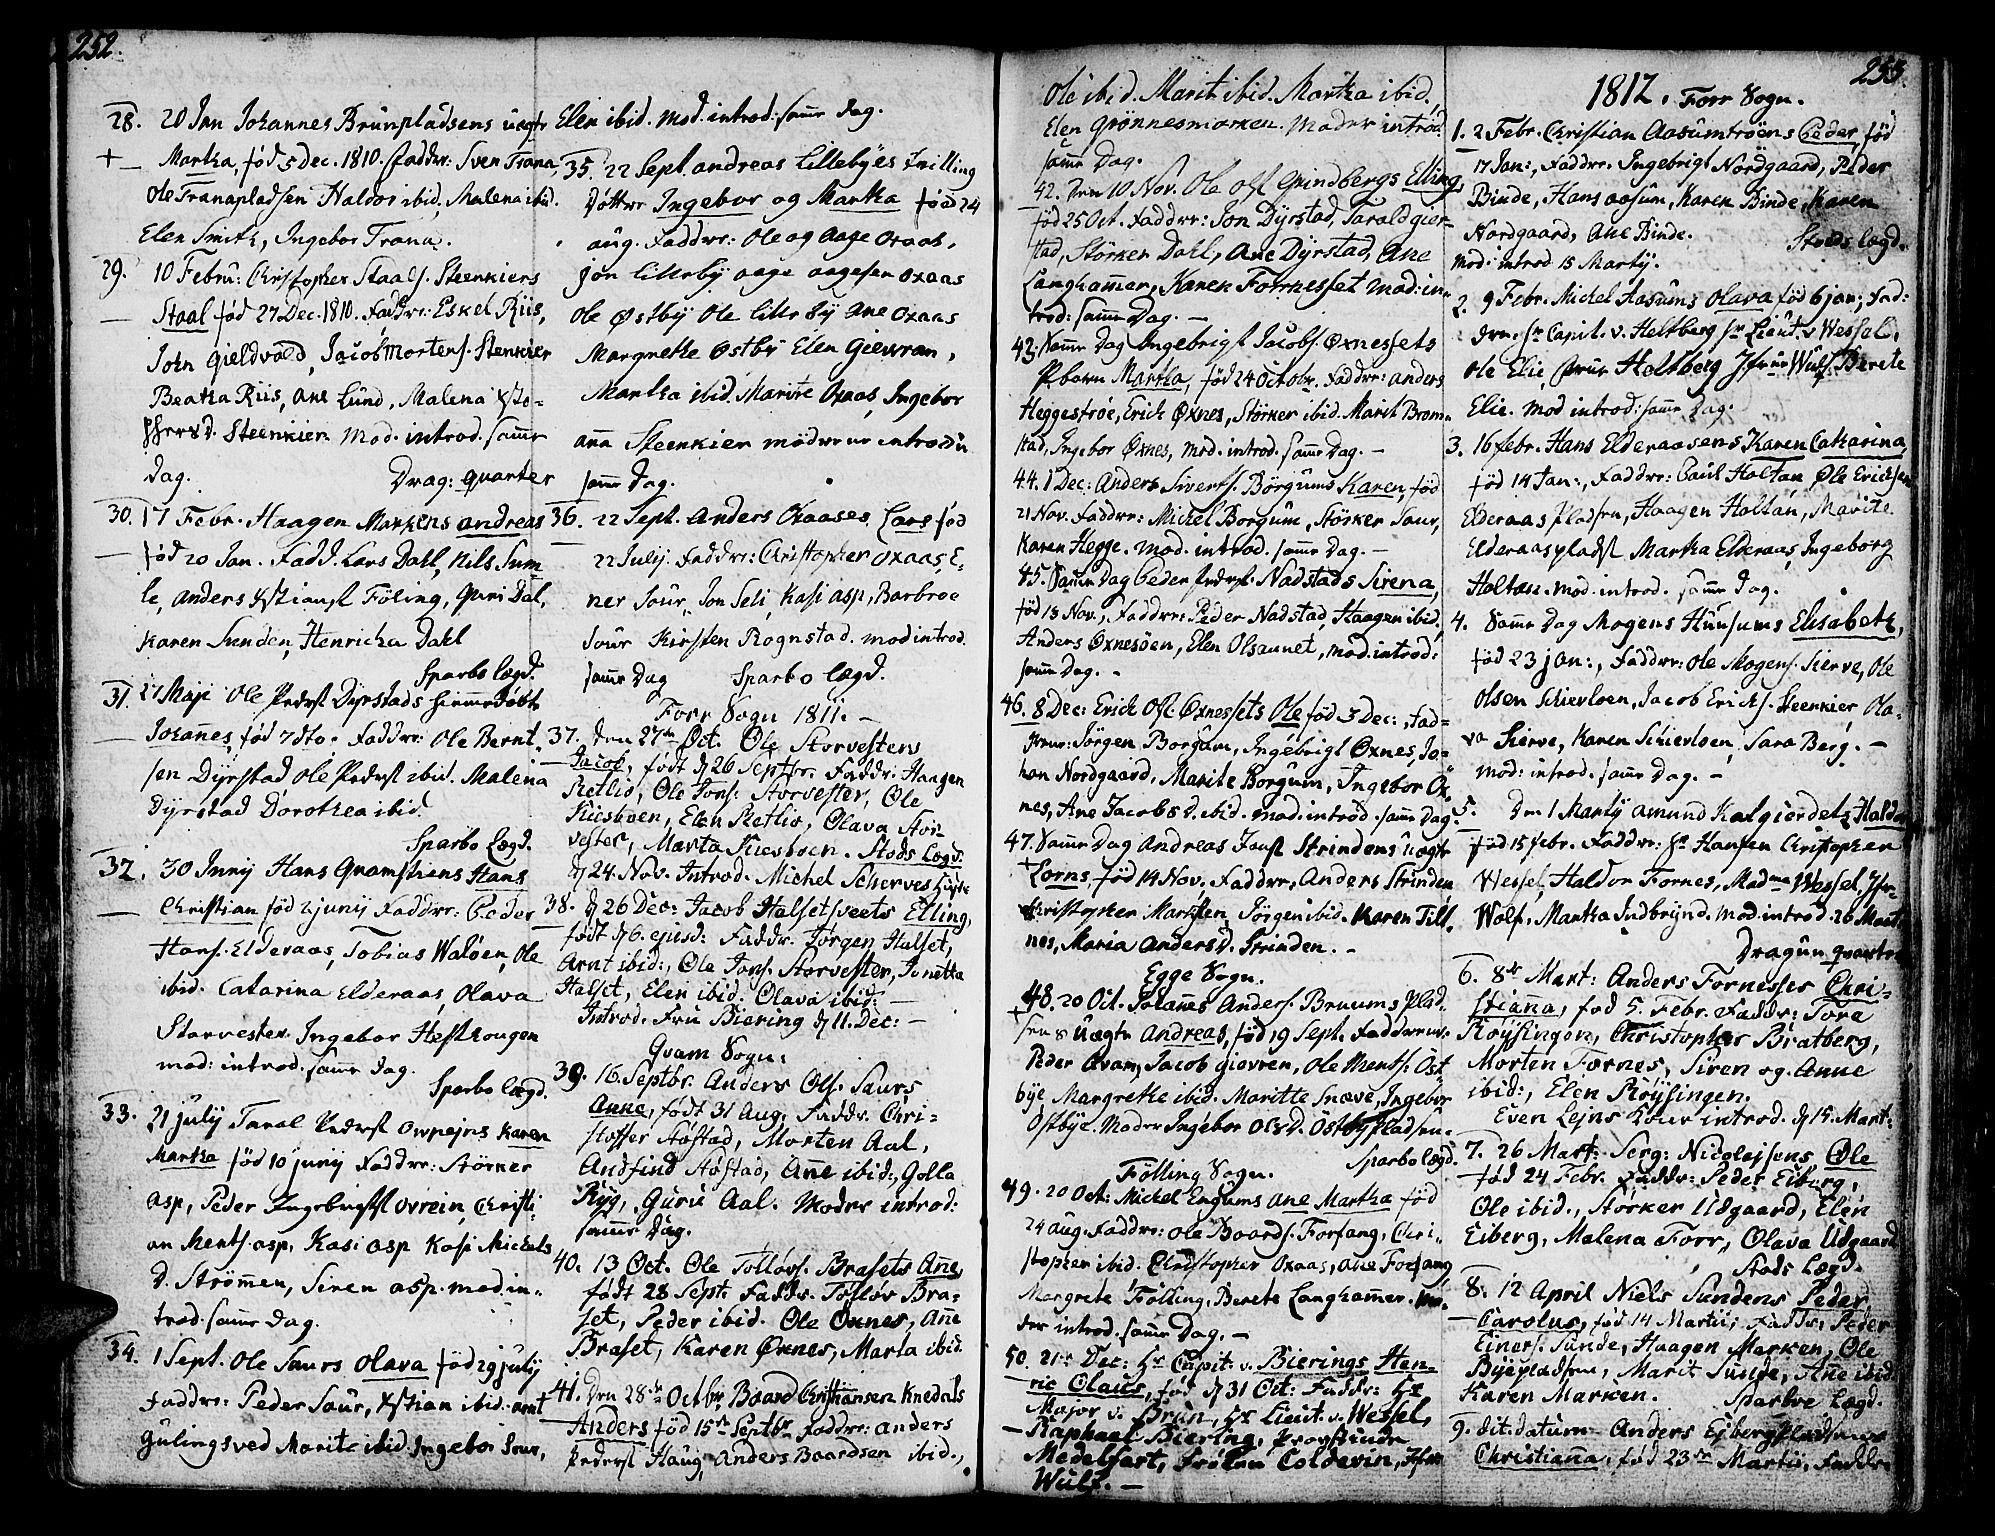 SAT, Ministerialprotokoller, klokkerbøker og fødselsregistre - Nord-Trøndelag, 746/L0440: Ministerialbok nr. 746A02, 1760-1815, s. 252-253